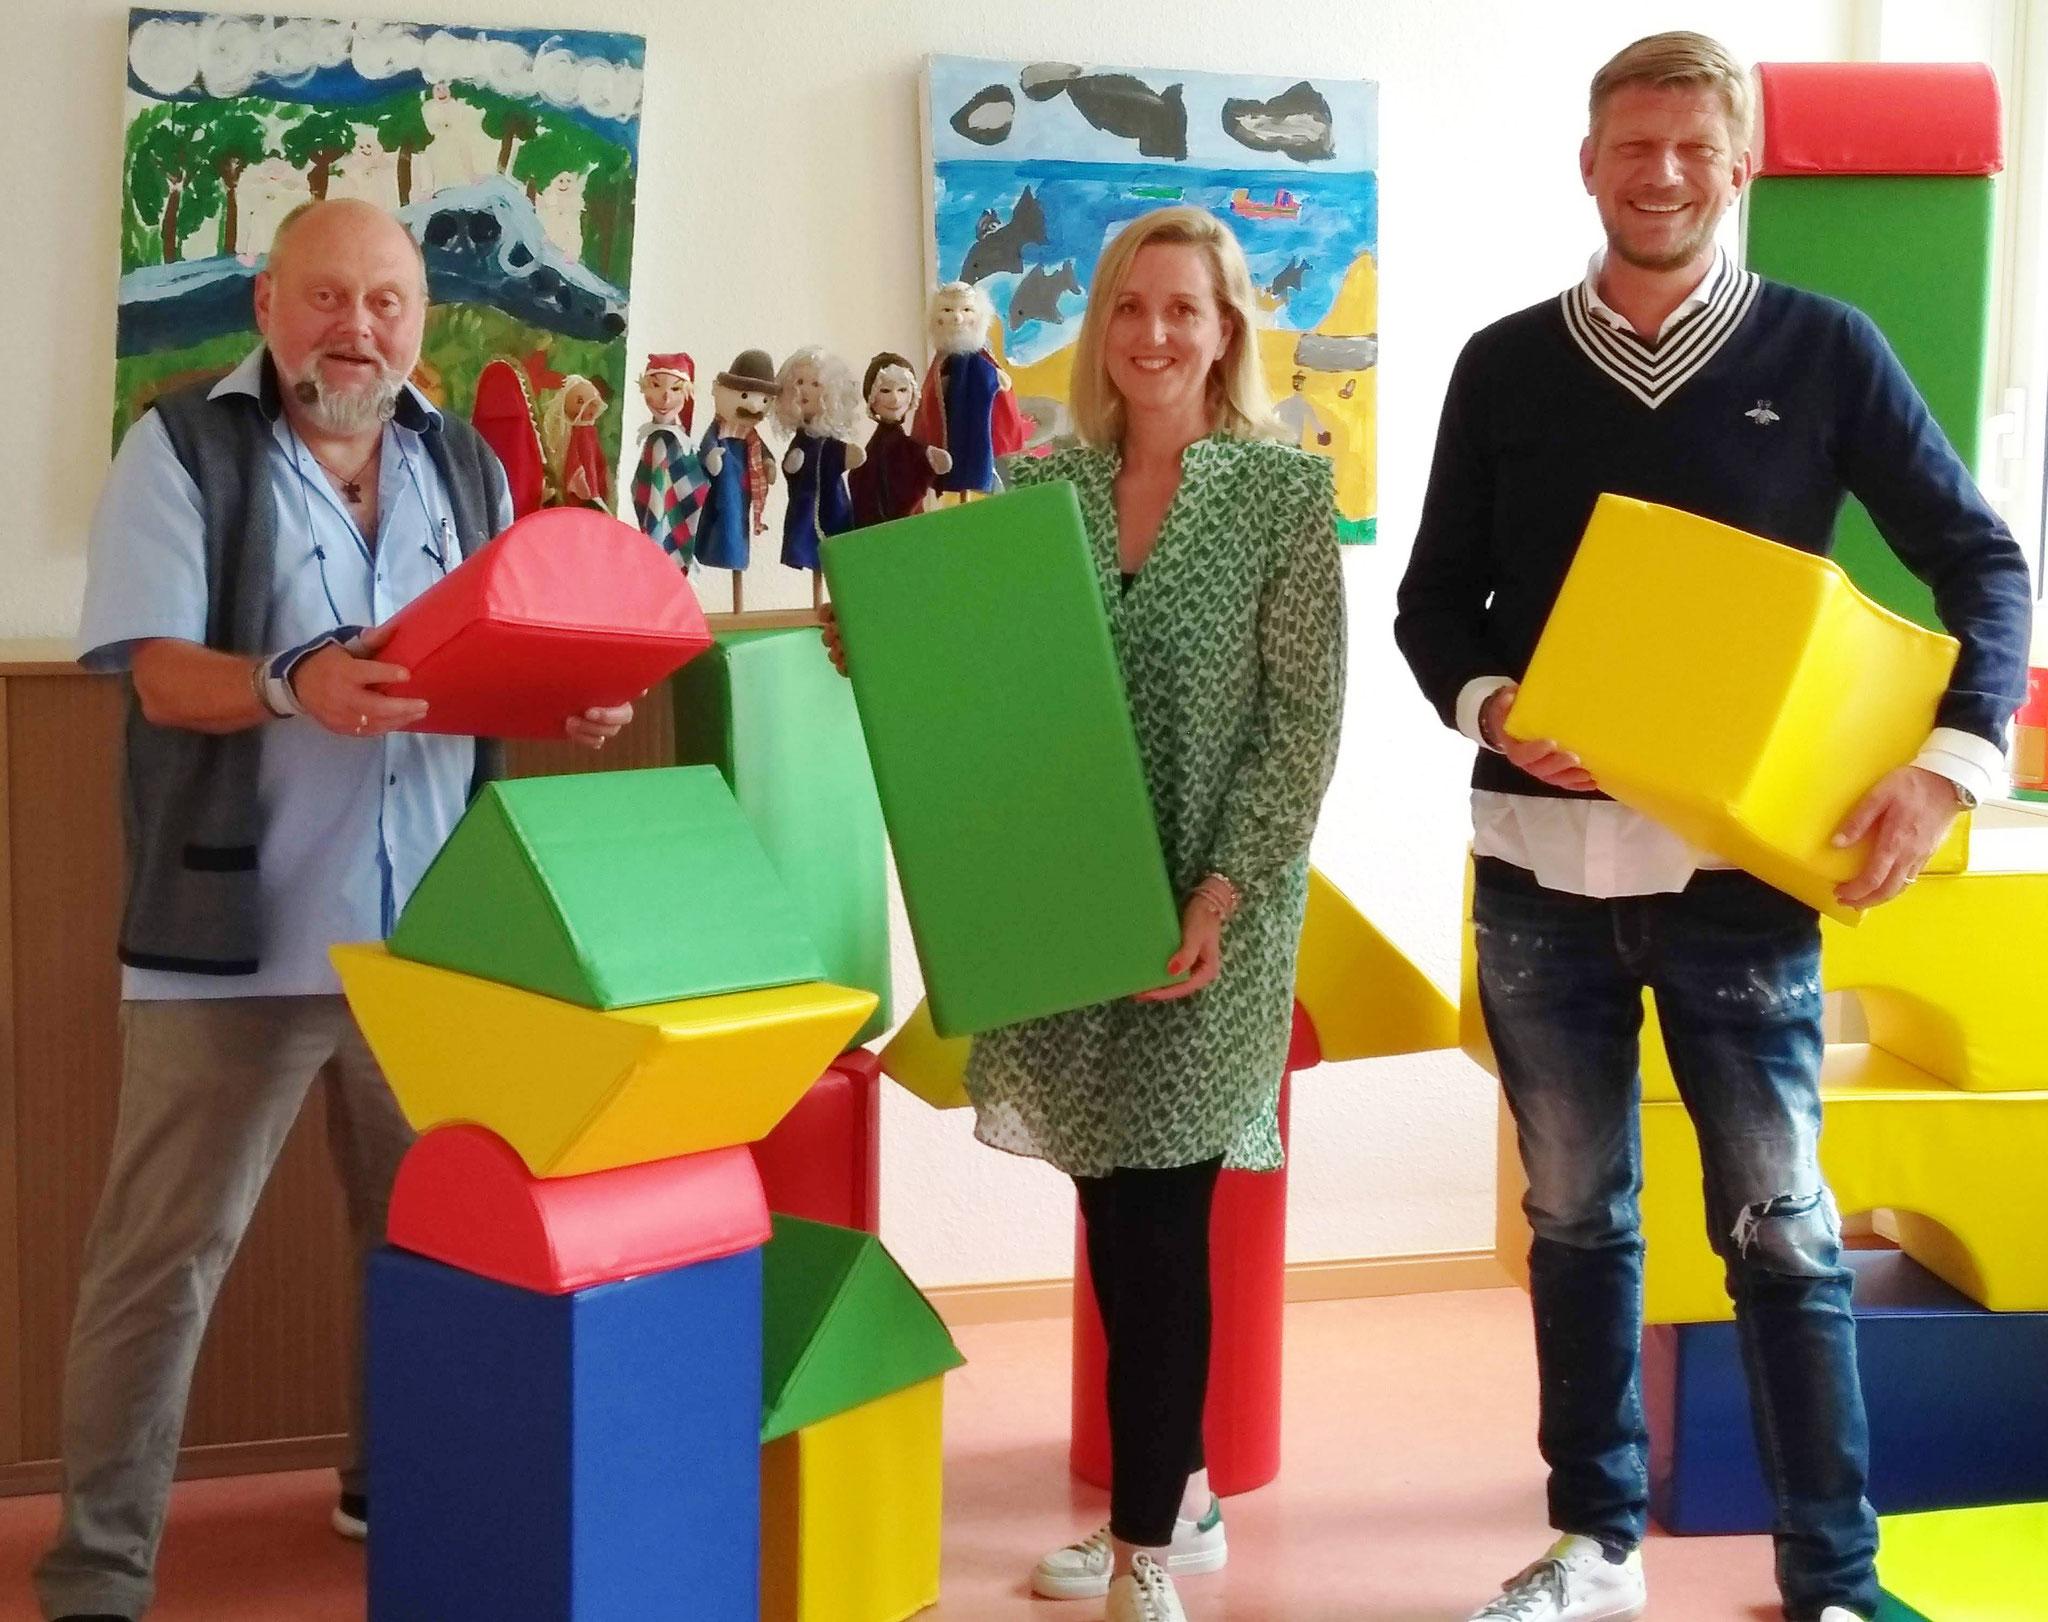 Michael Riemer, Simone Thedens und Thorsten Quarg freuen sich über die bunten, weichen Bausteine